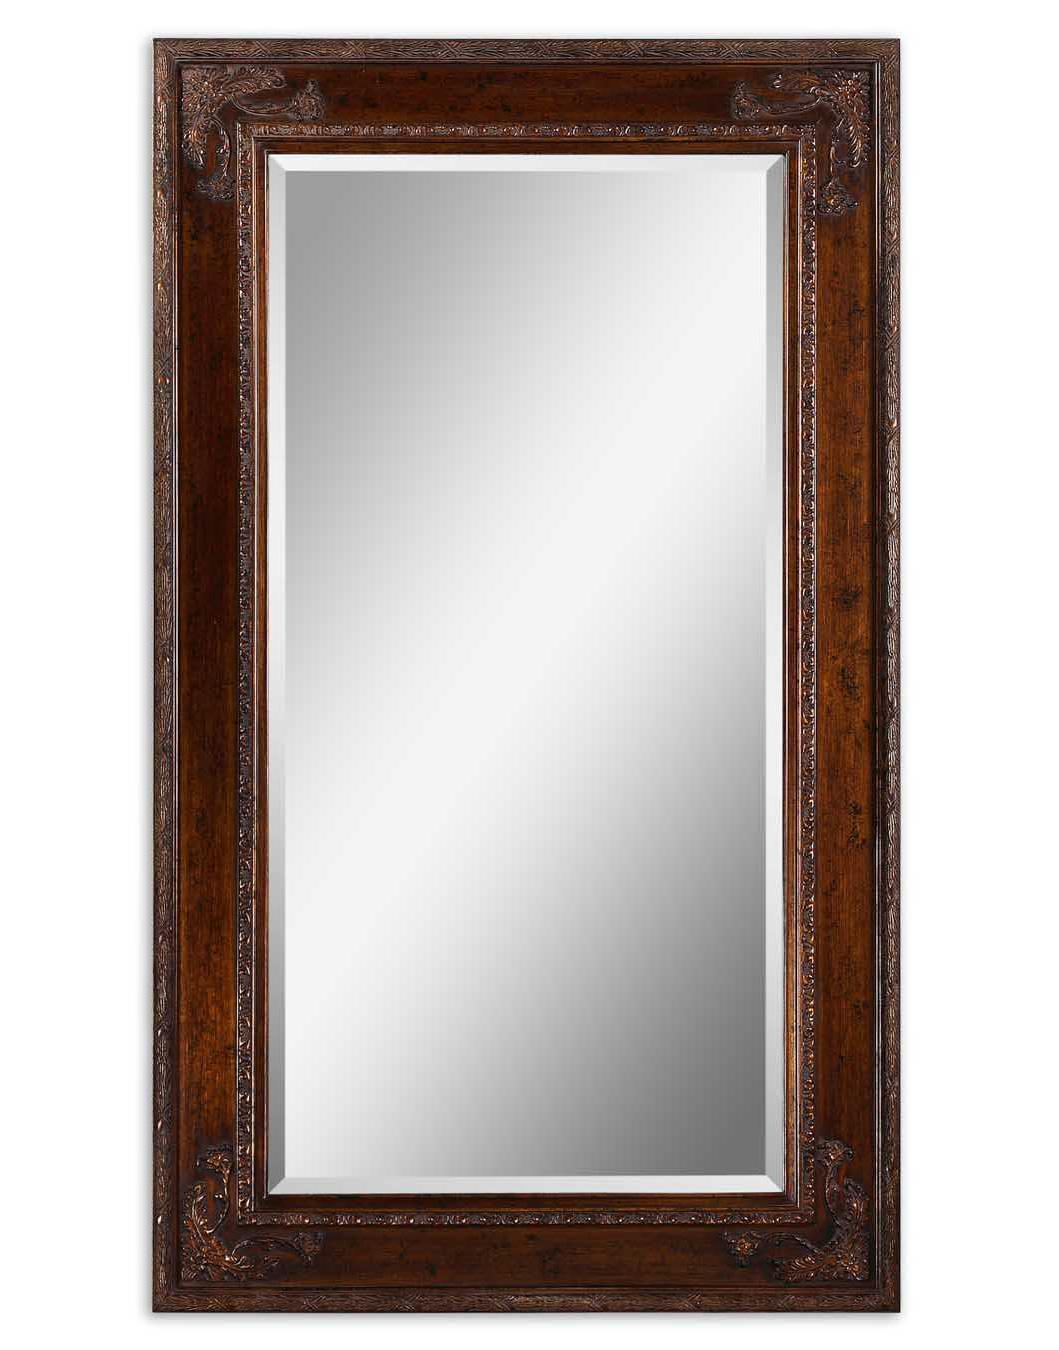 02 2102410 edeva miroir for O miroir montreal qc